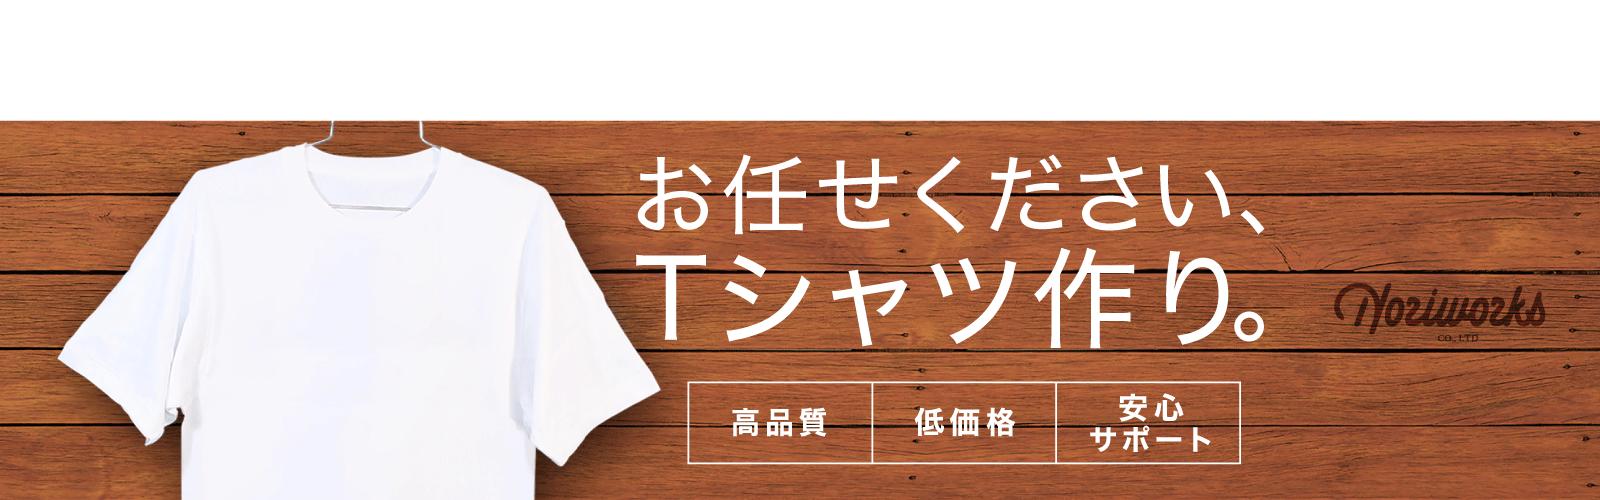 お任せください、Tシャツ作り